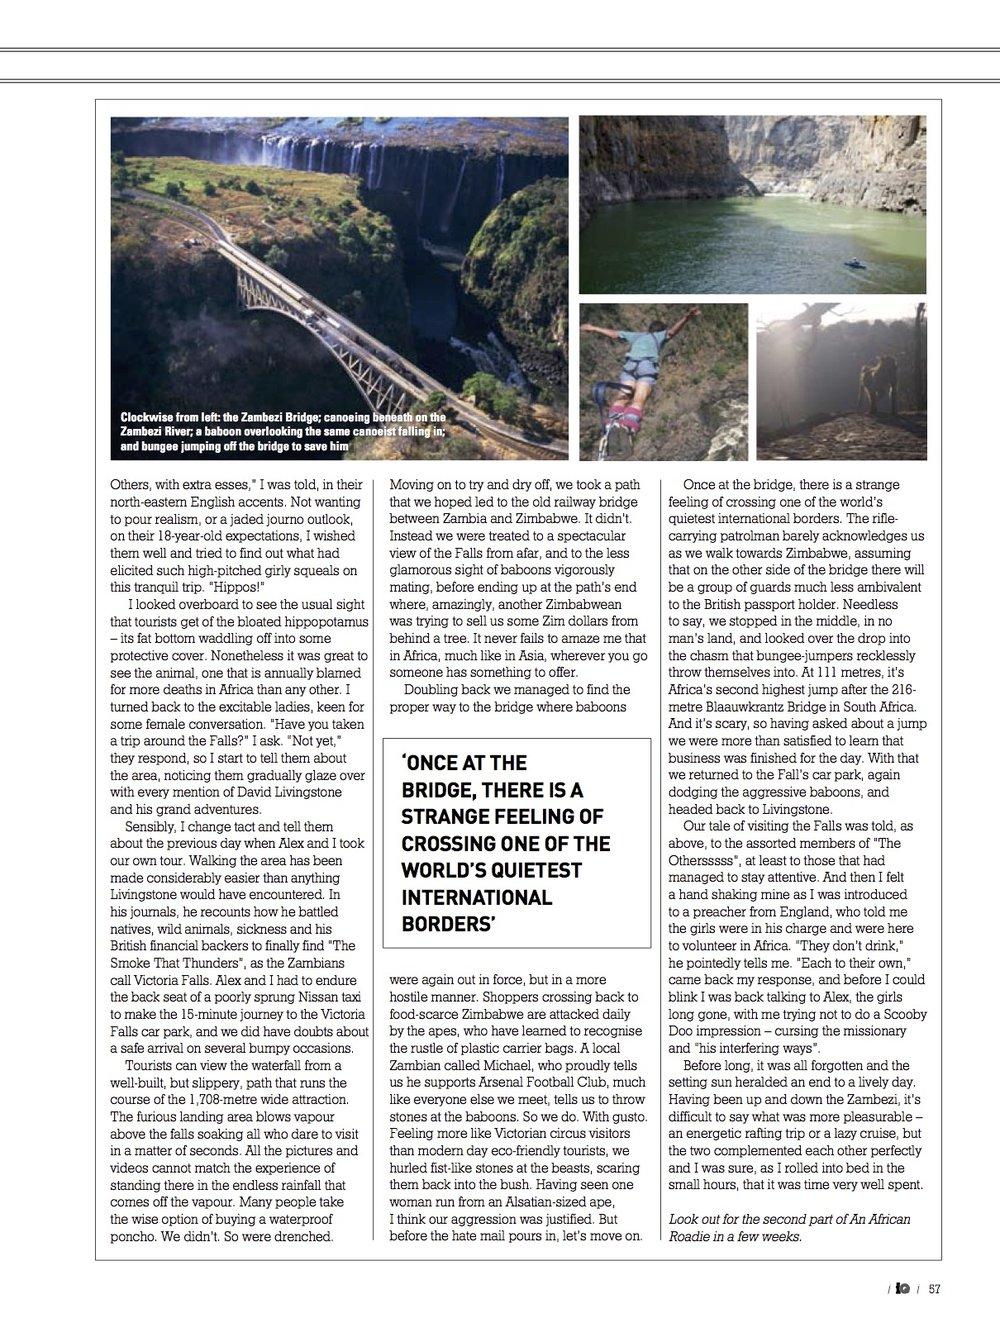 Africa Roadie Pt.1. Travel article p4.jpg